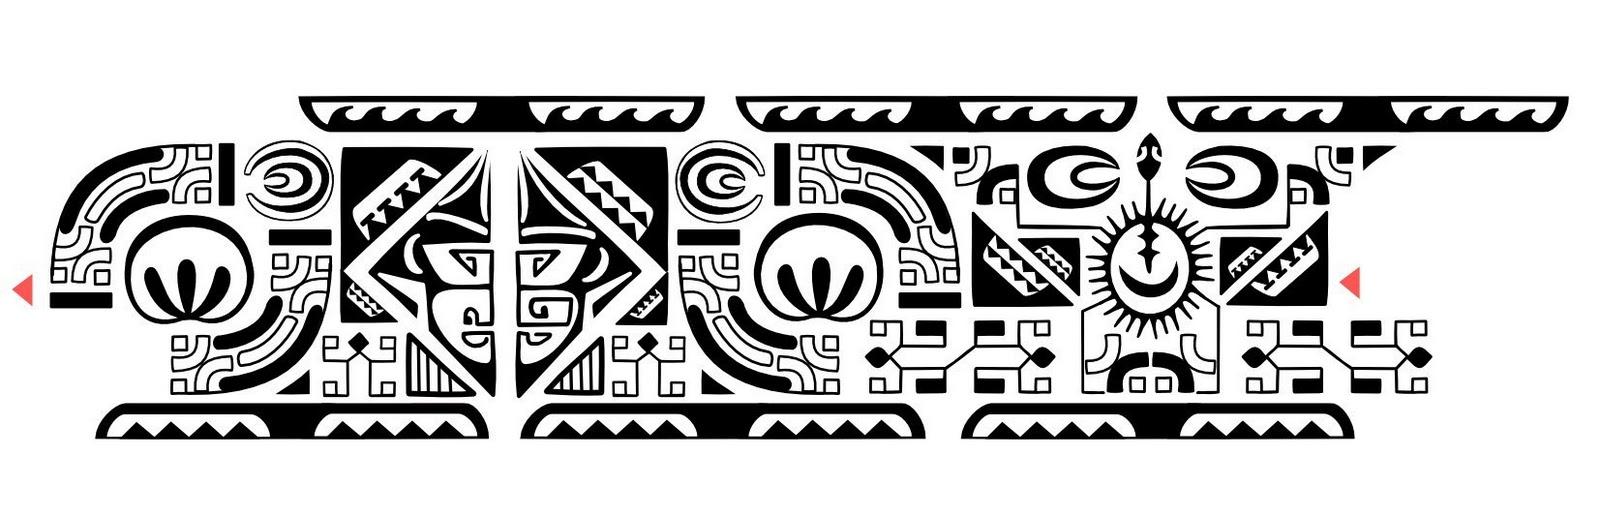 Браслеты тату полинезия 196